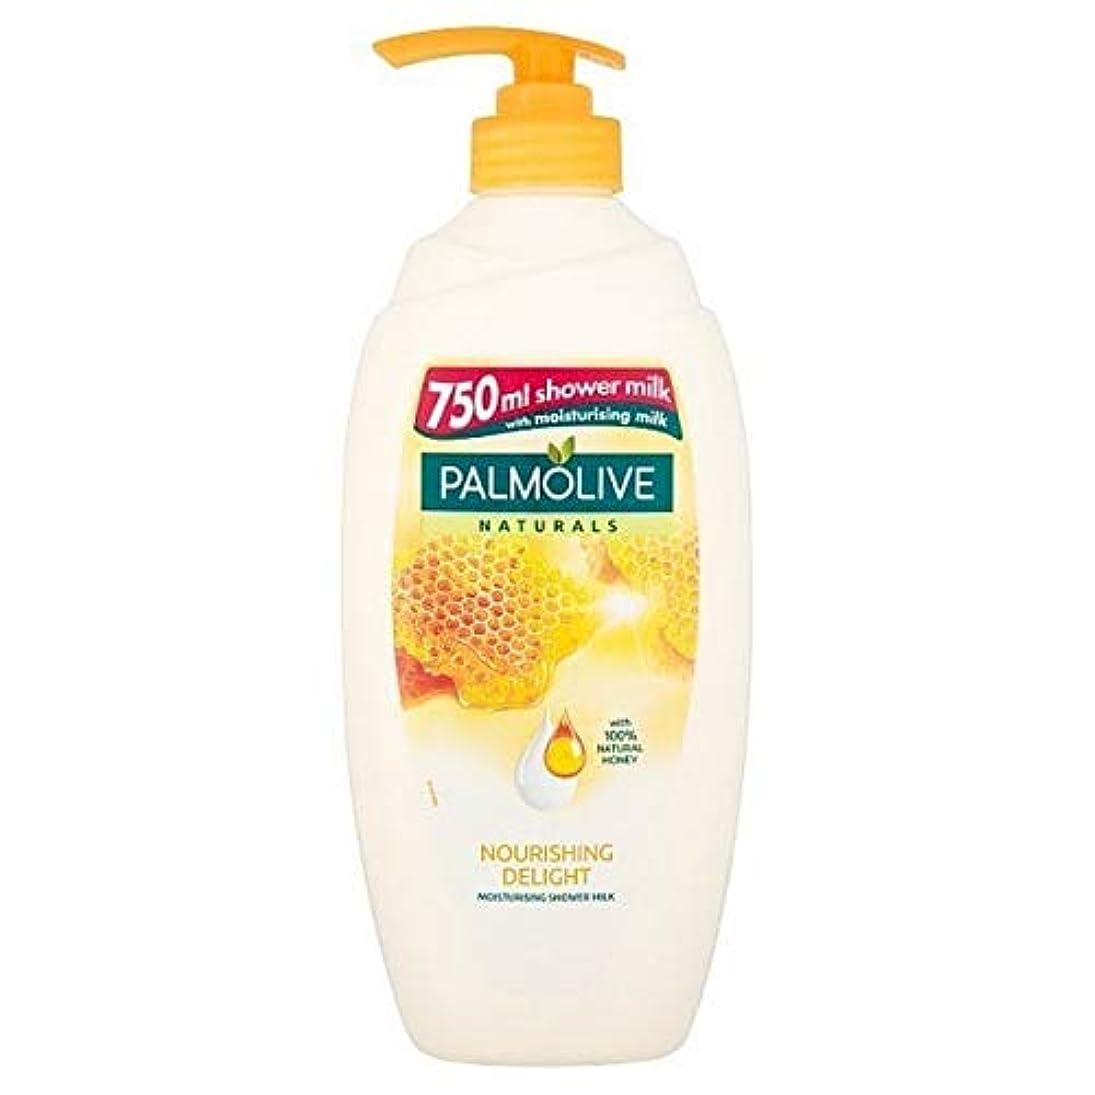 封建パフペルソナ[Palmolive ] パルモライブナチュラルミルク&ハニーシャワージェルクリーム750ミリリットル - Palmolive Naturals Milk & Honey Shower Gel Cream 750ml [...